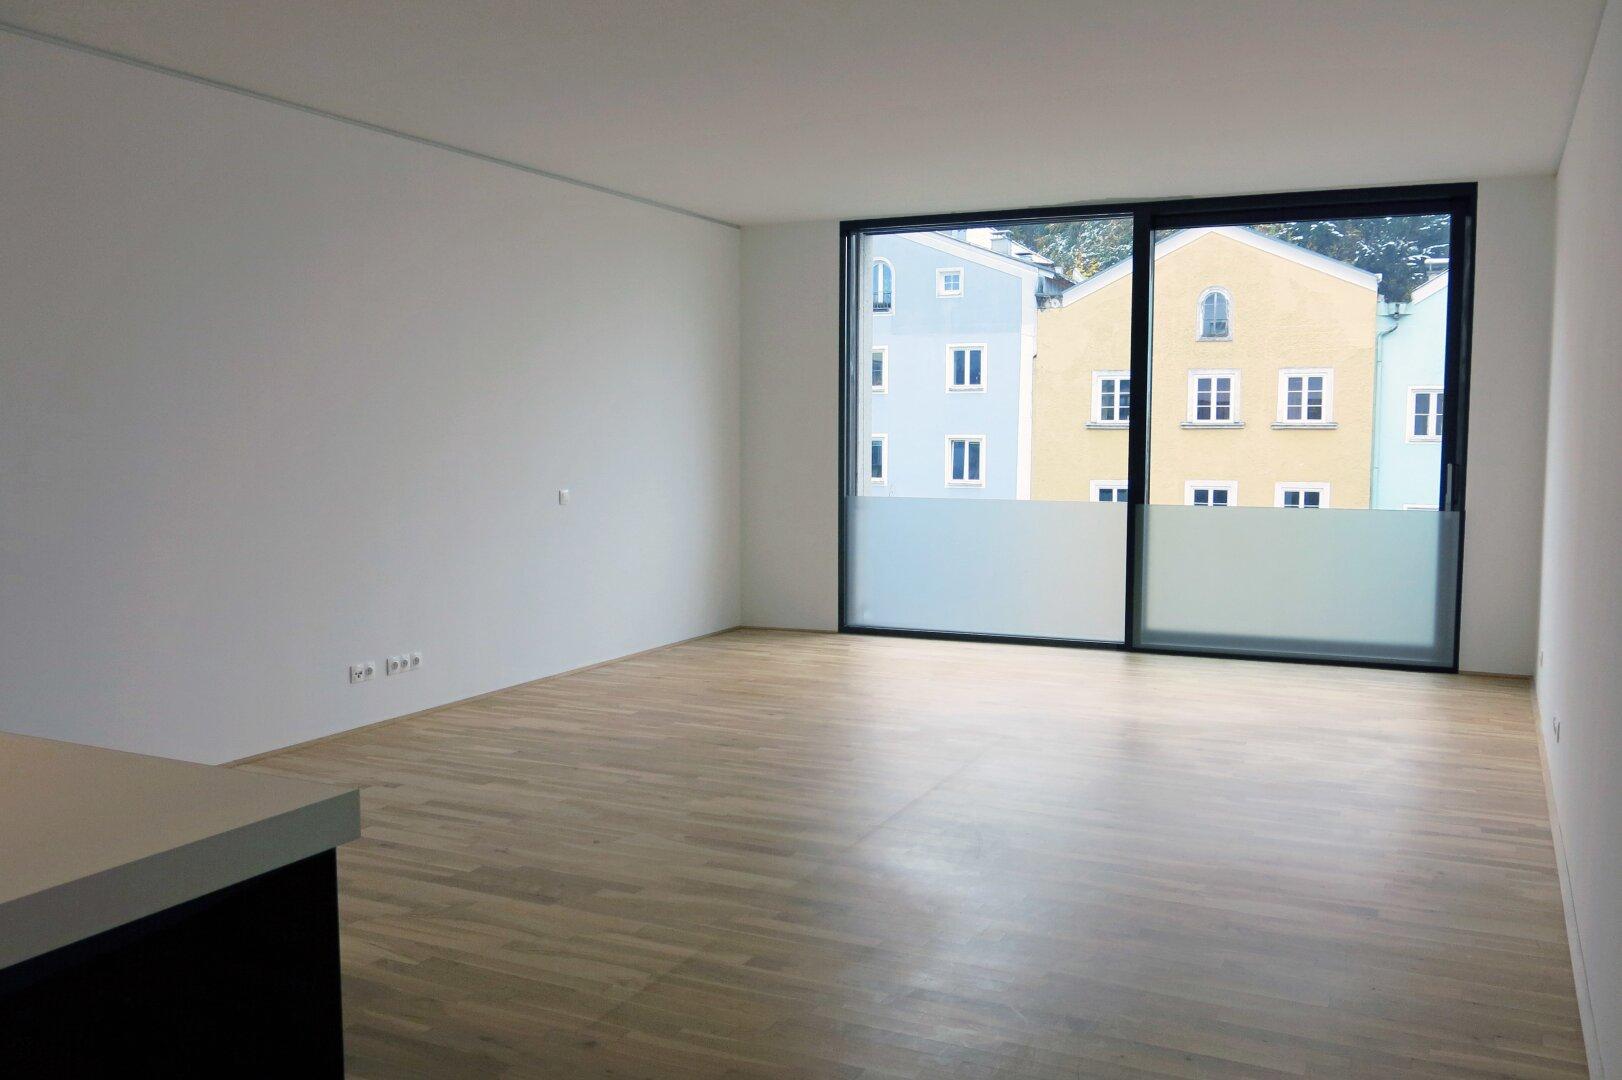 Wohnraum, exklusive Stadtwohnung Kufstein